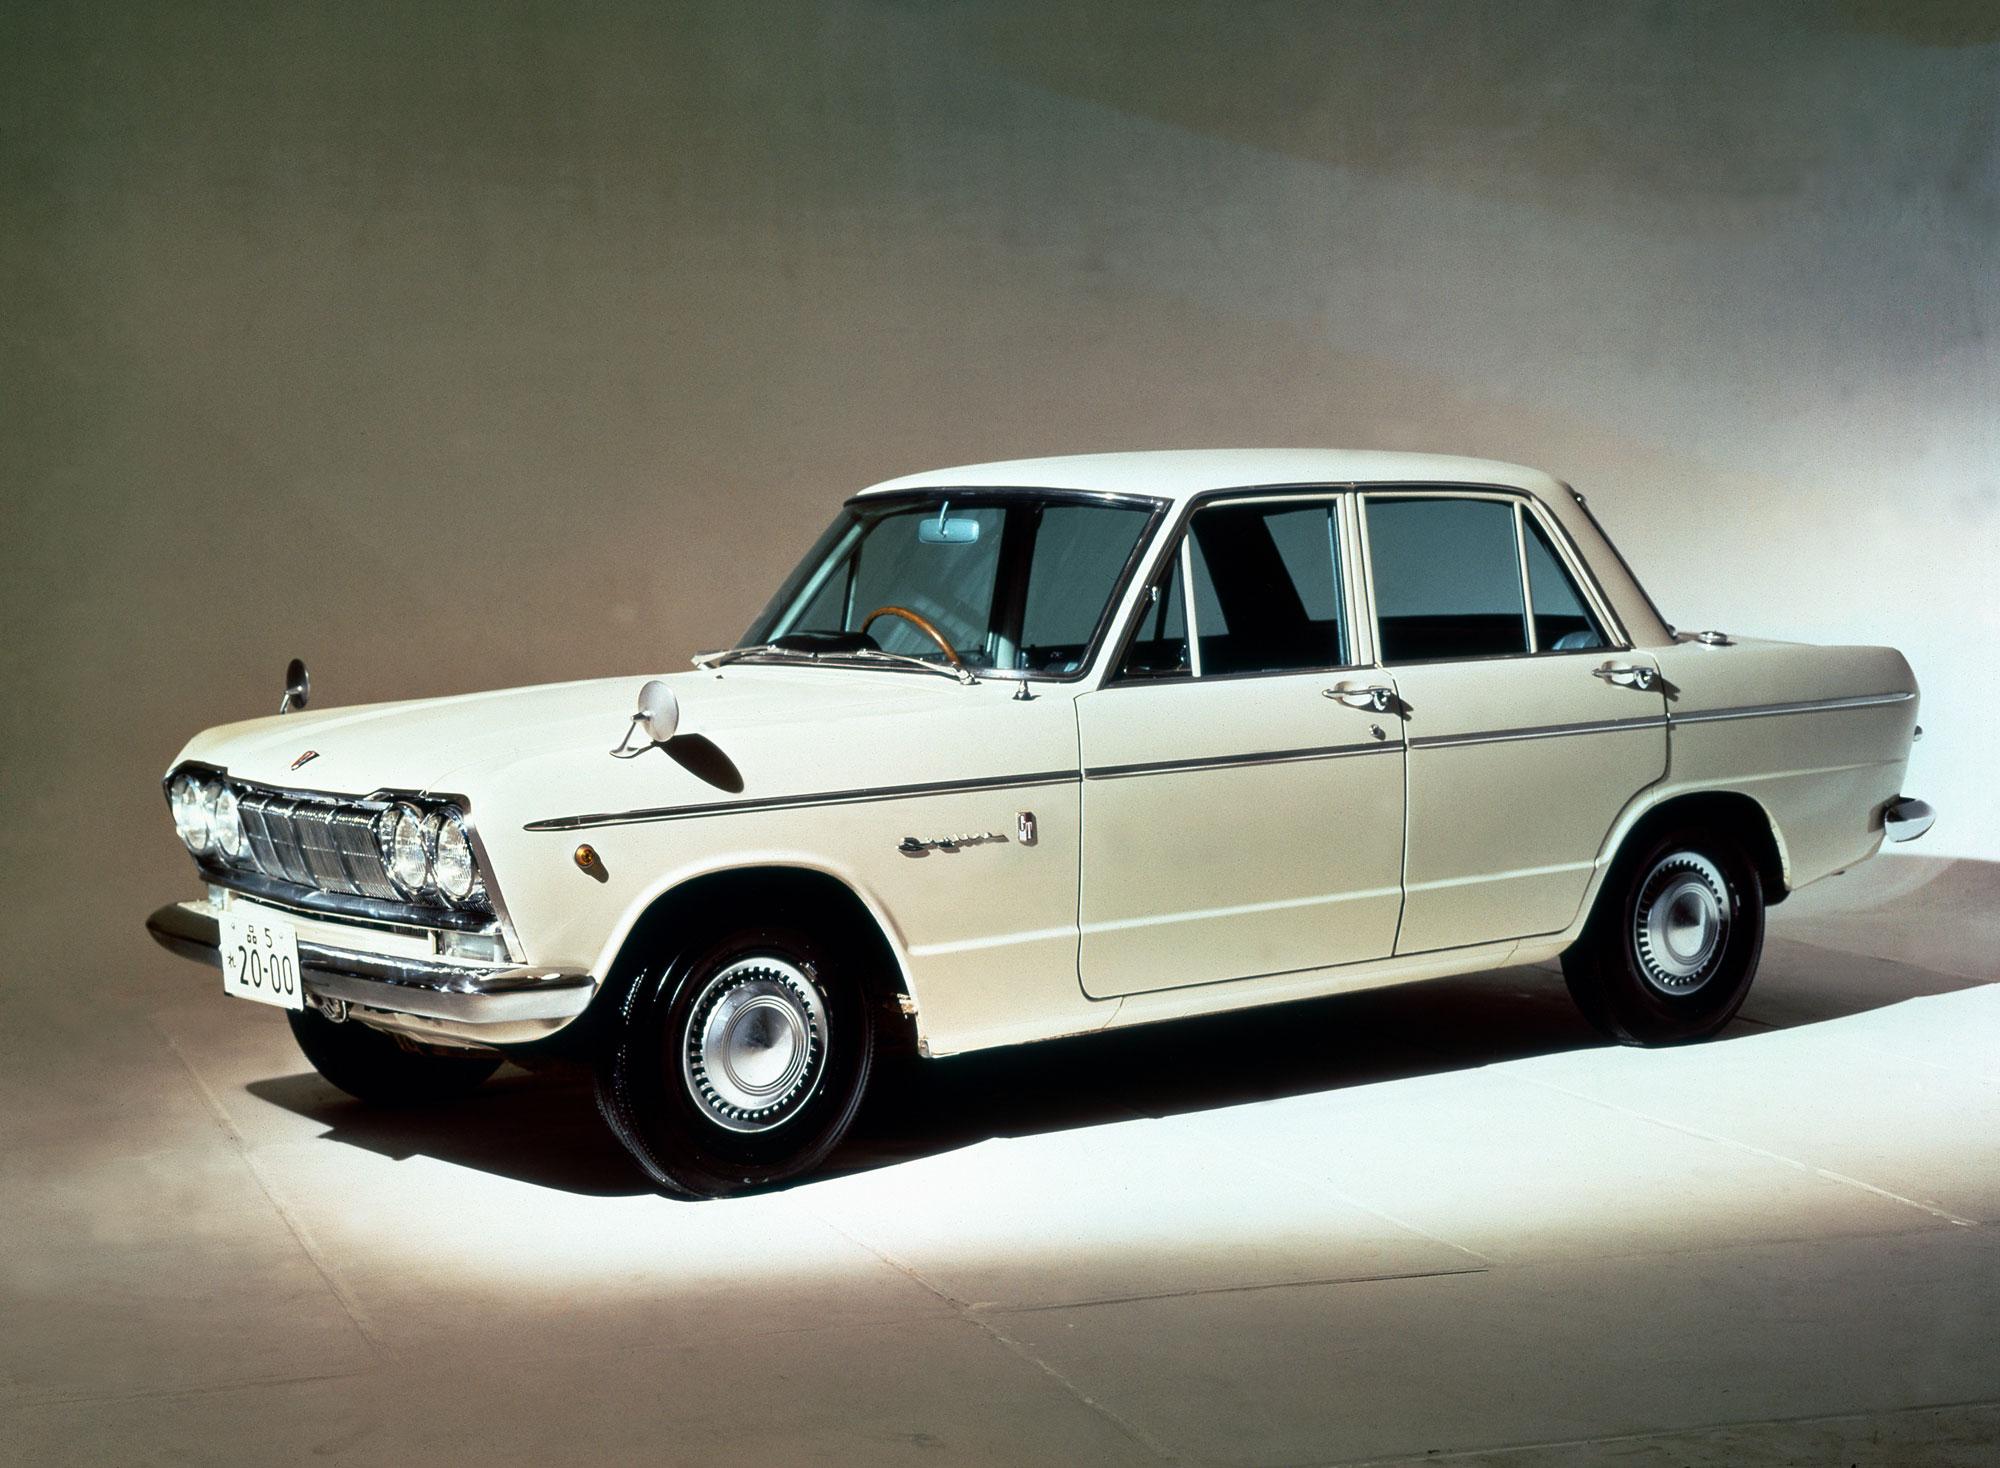 日産「スカイライン」の60年、全モデルを写真で振り返る① - 1964_2000GT_S54-source